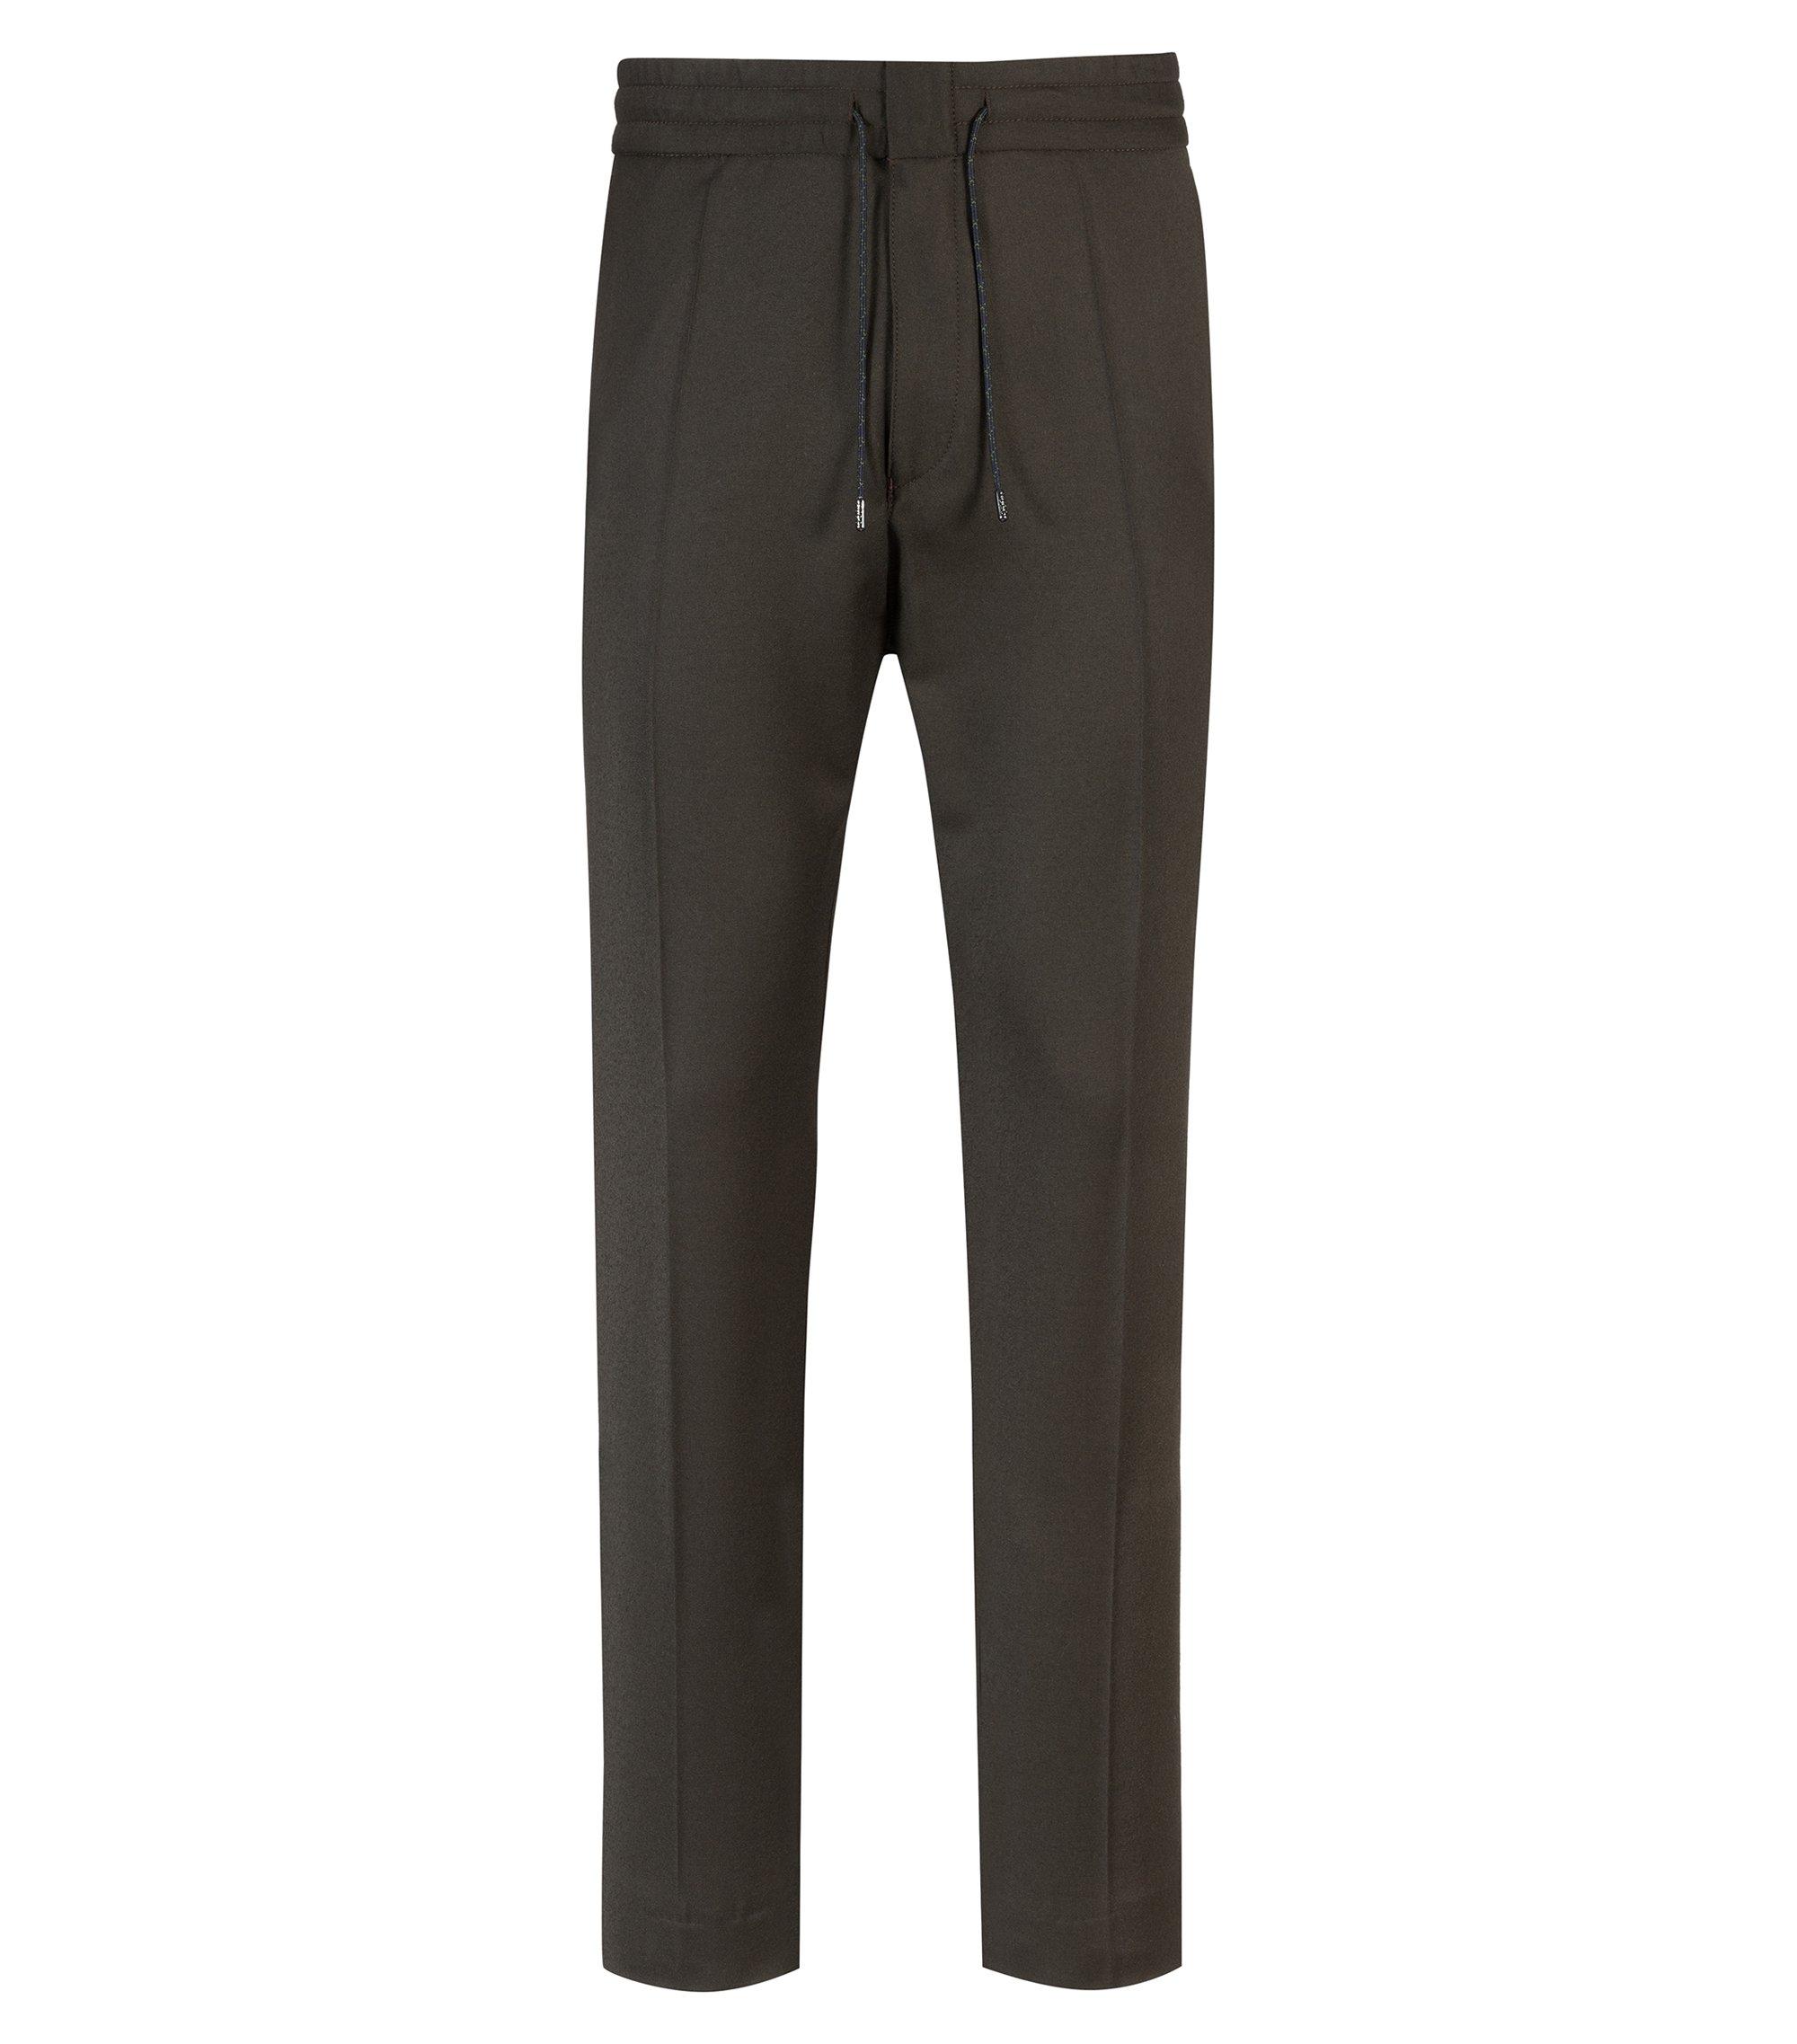 Tapered-Fit Hose aus Stretch-Schurwolle mit elastischem Bund, Dunkelgrün